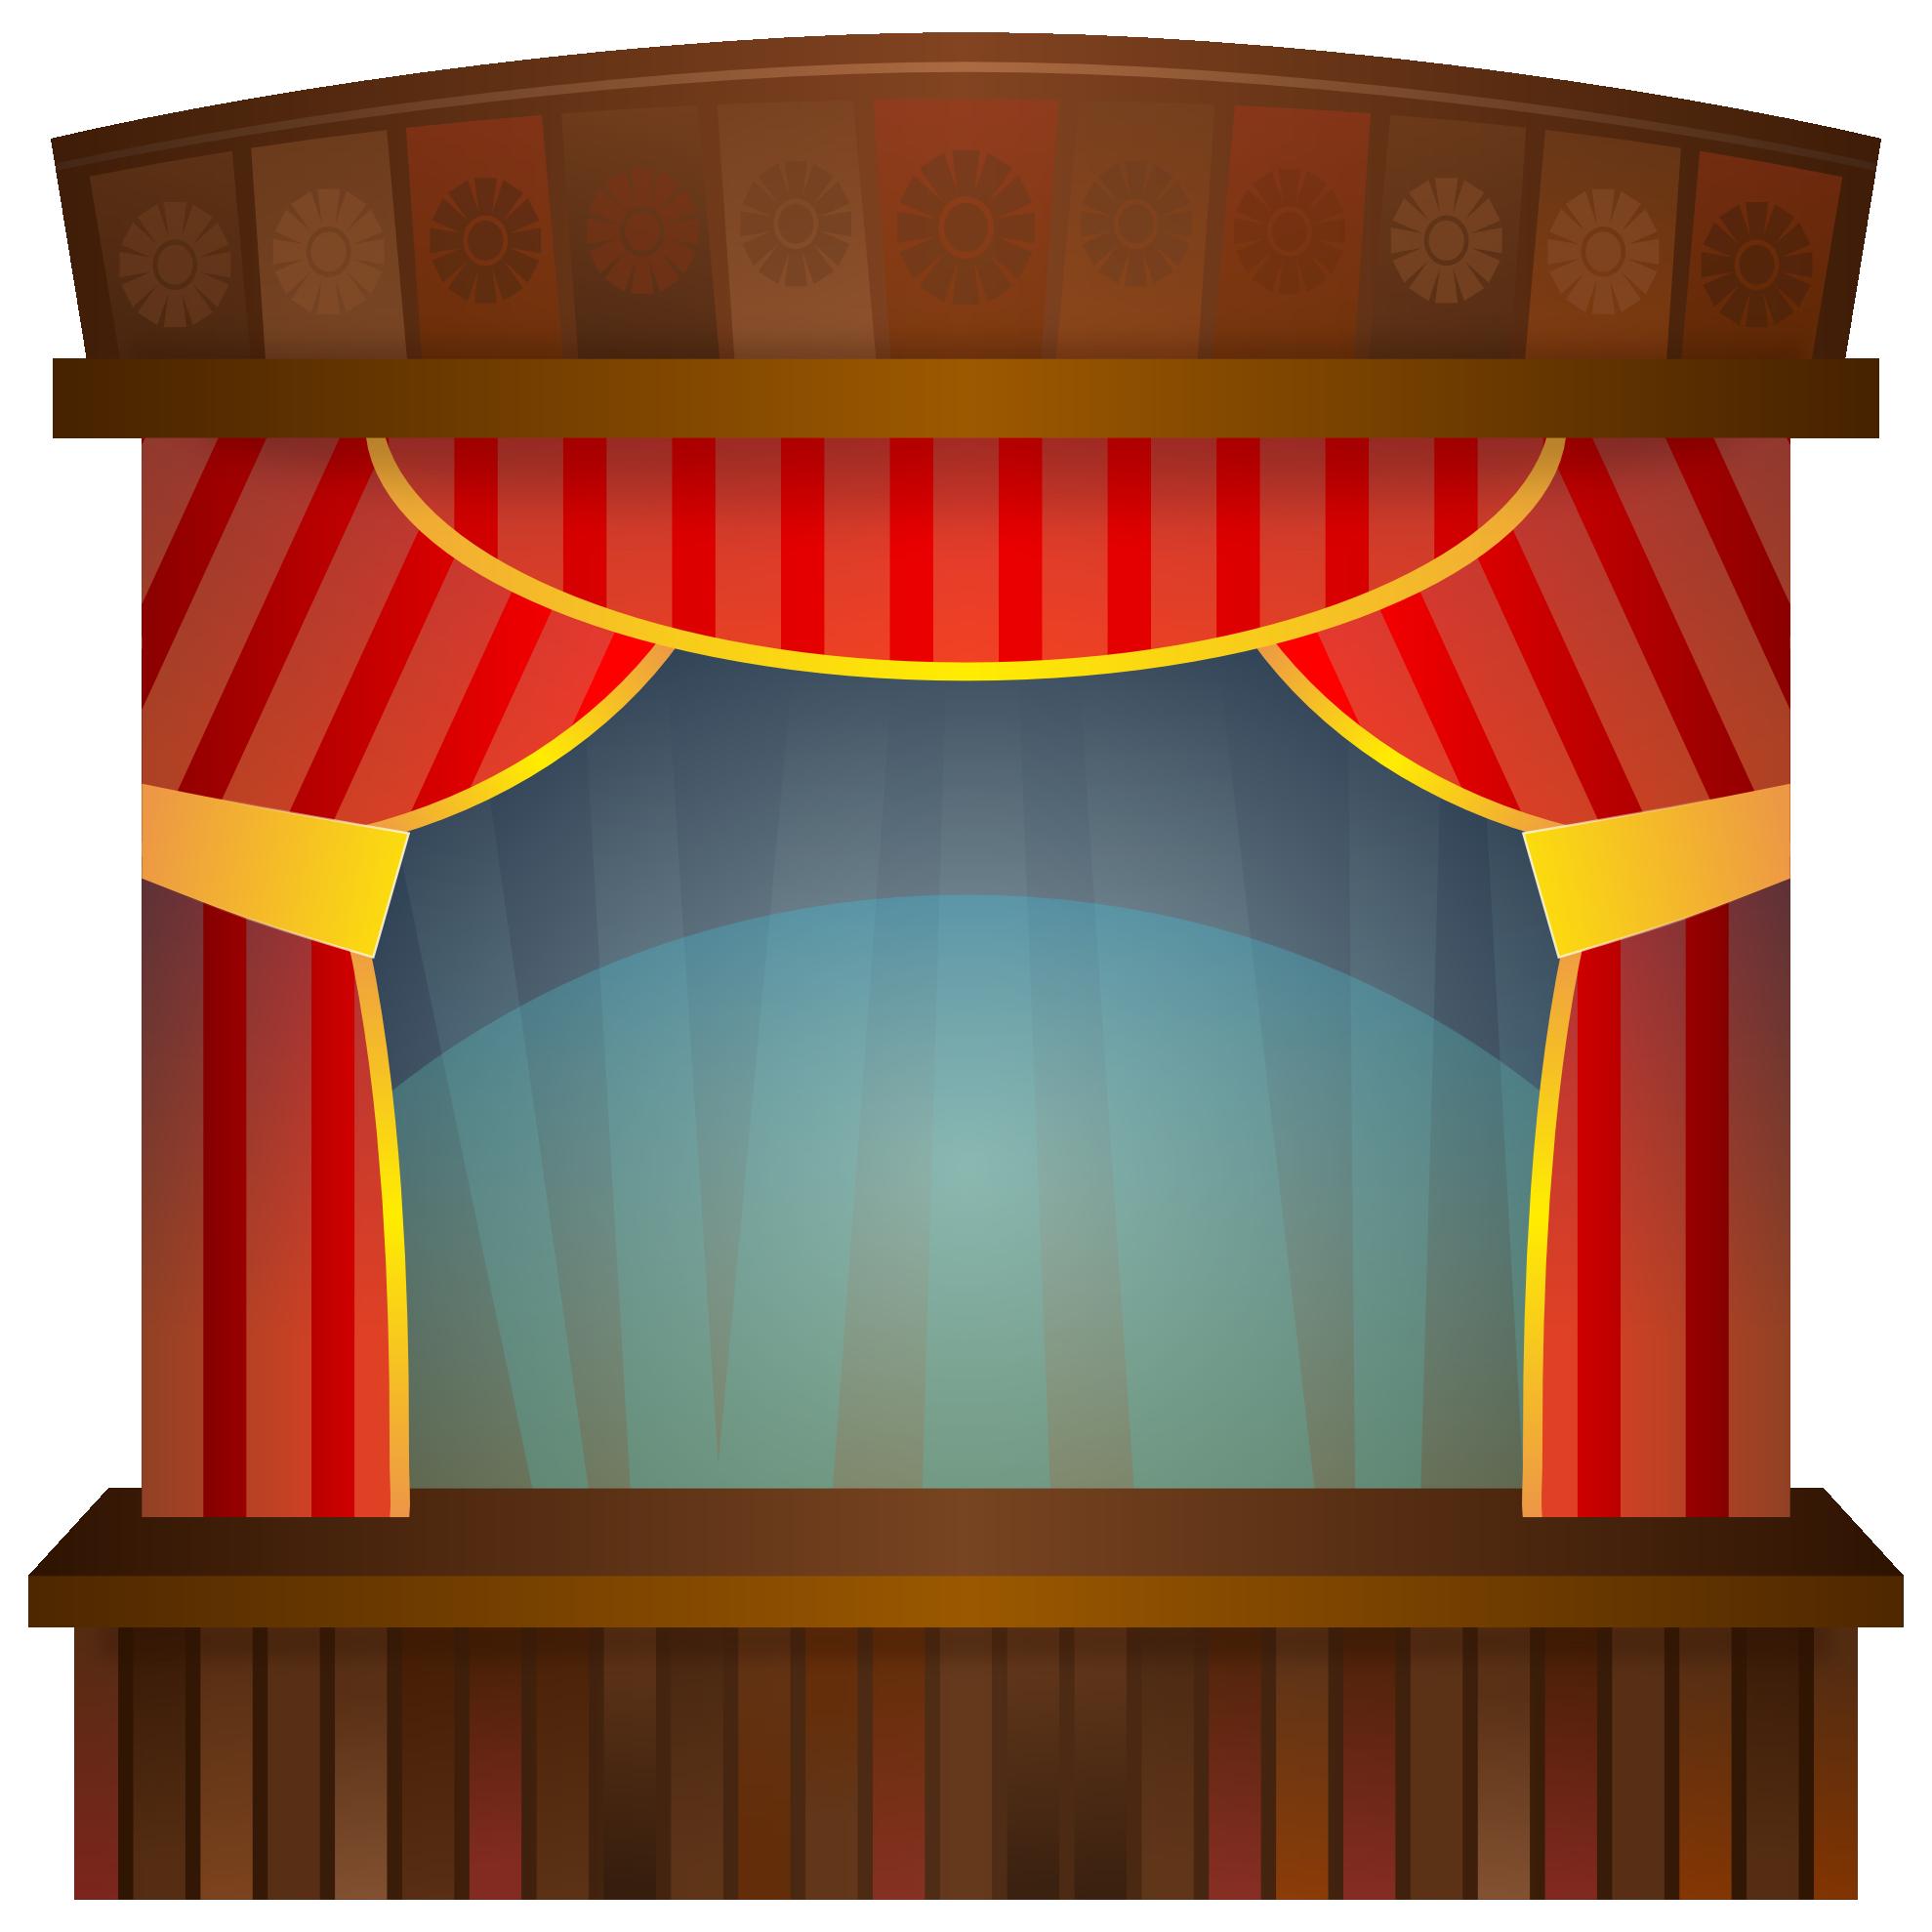 Theatre clipart freeuse Free Theatre Cliparts, Download Free Clip Art, Free Clip Art ... freeuse